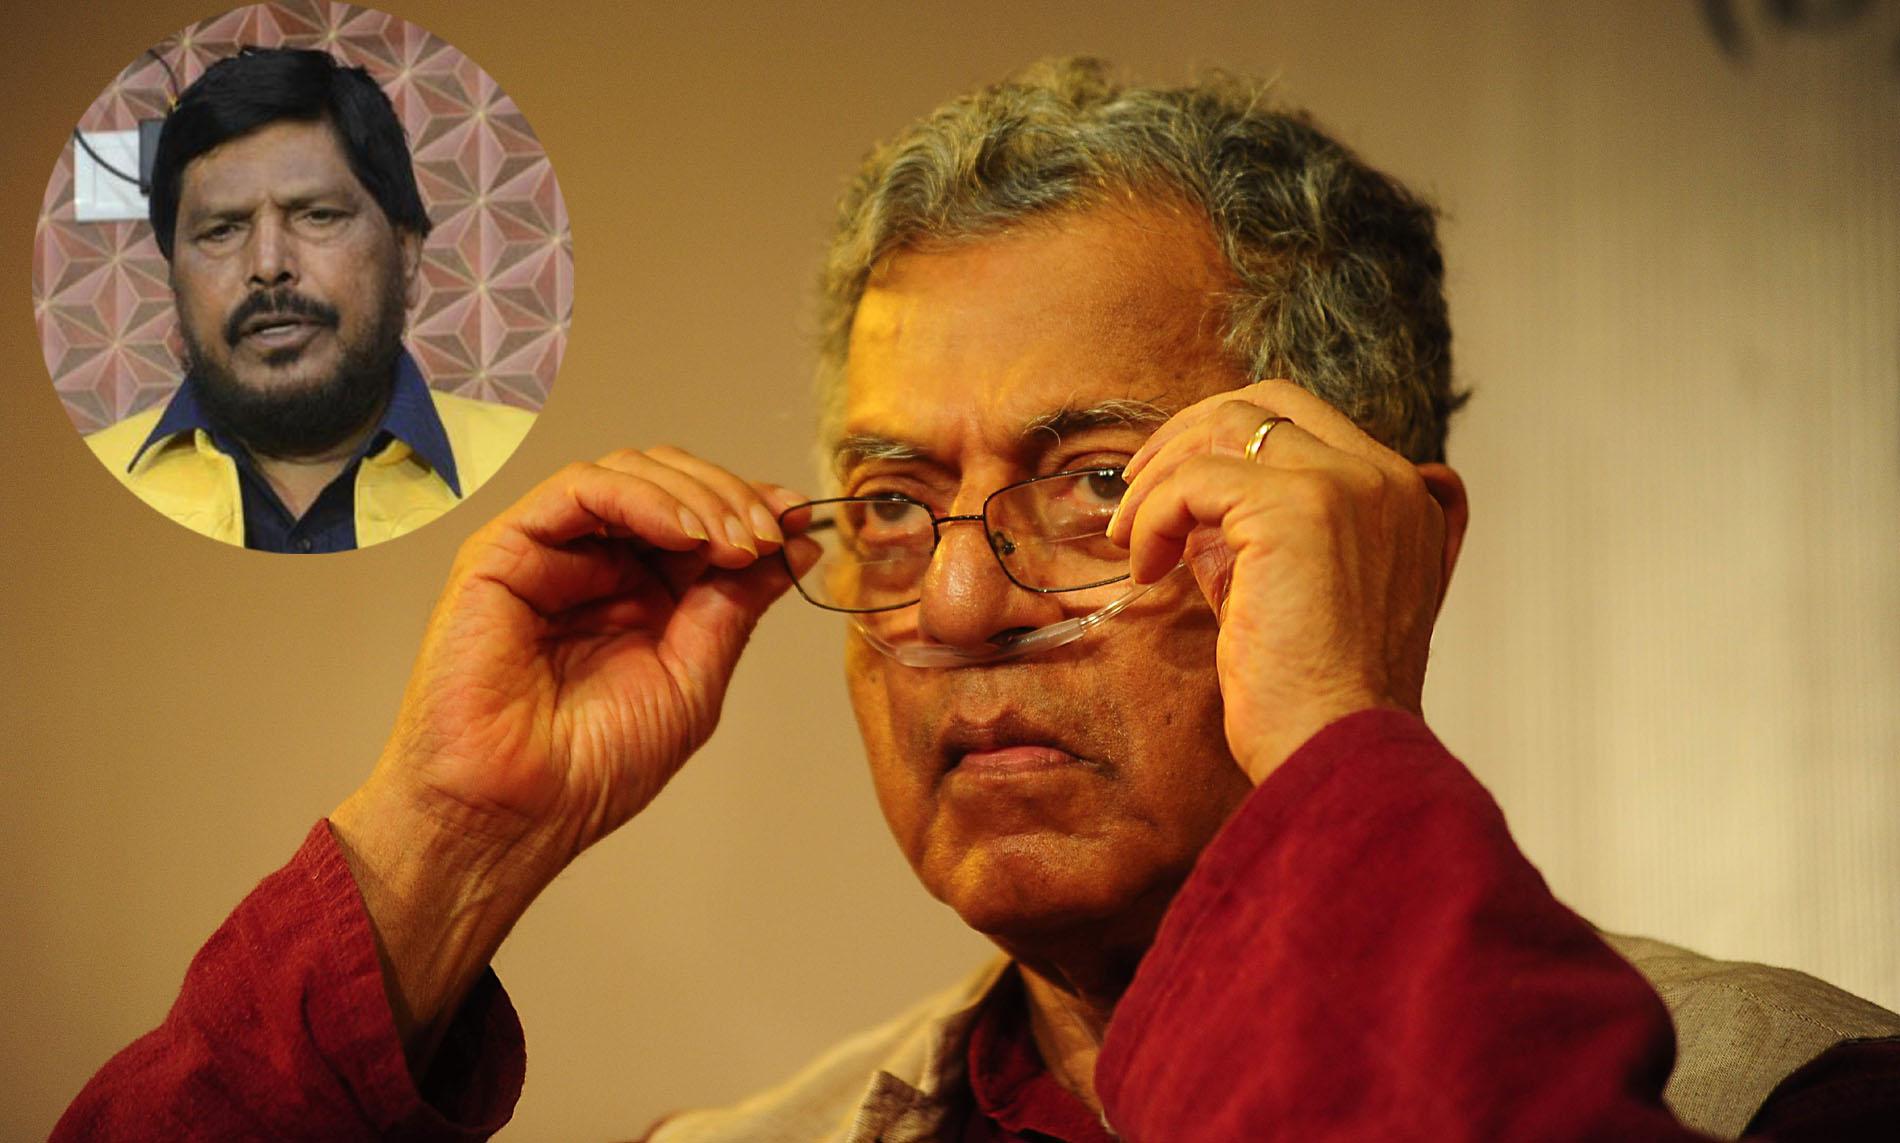 गिरीश कर्नाड यांच्या निधनाने साहित्य आणि अभिनयकलेचा संगम असणारे व्यक्तिमत्व हरपले – केंद्रिय राज्यमंत्री रामदास आठवले